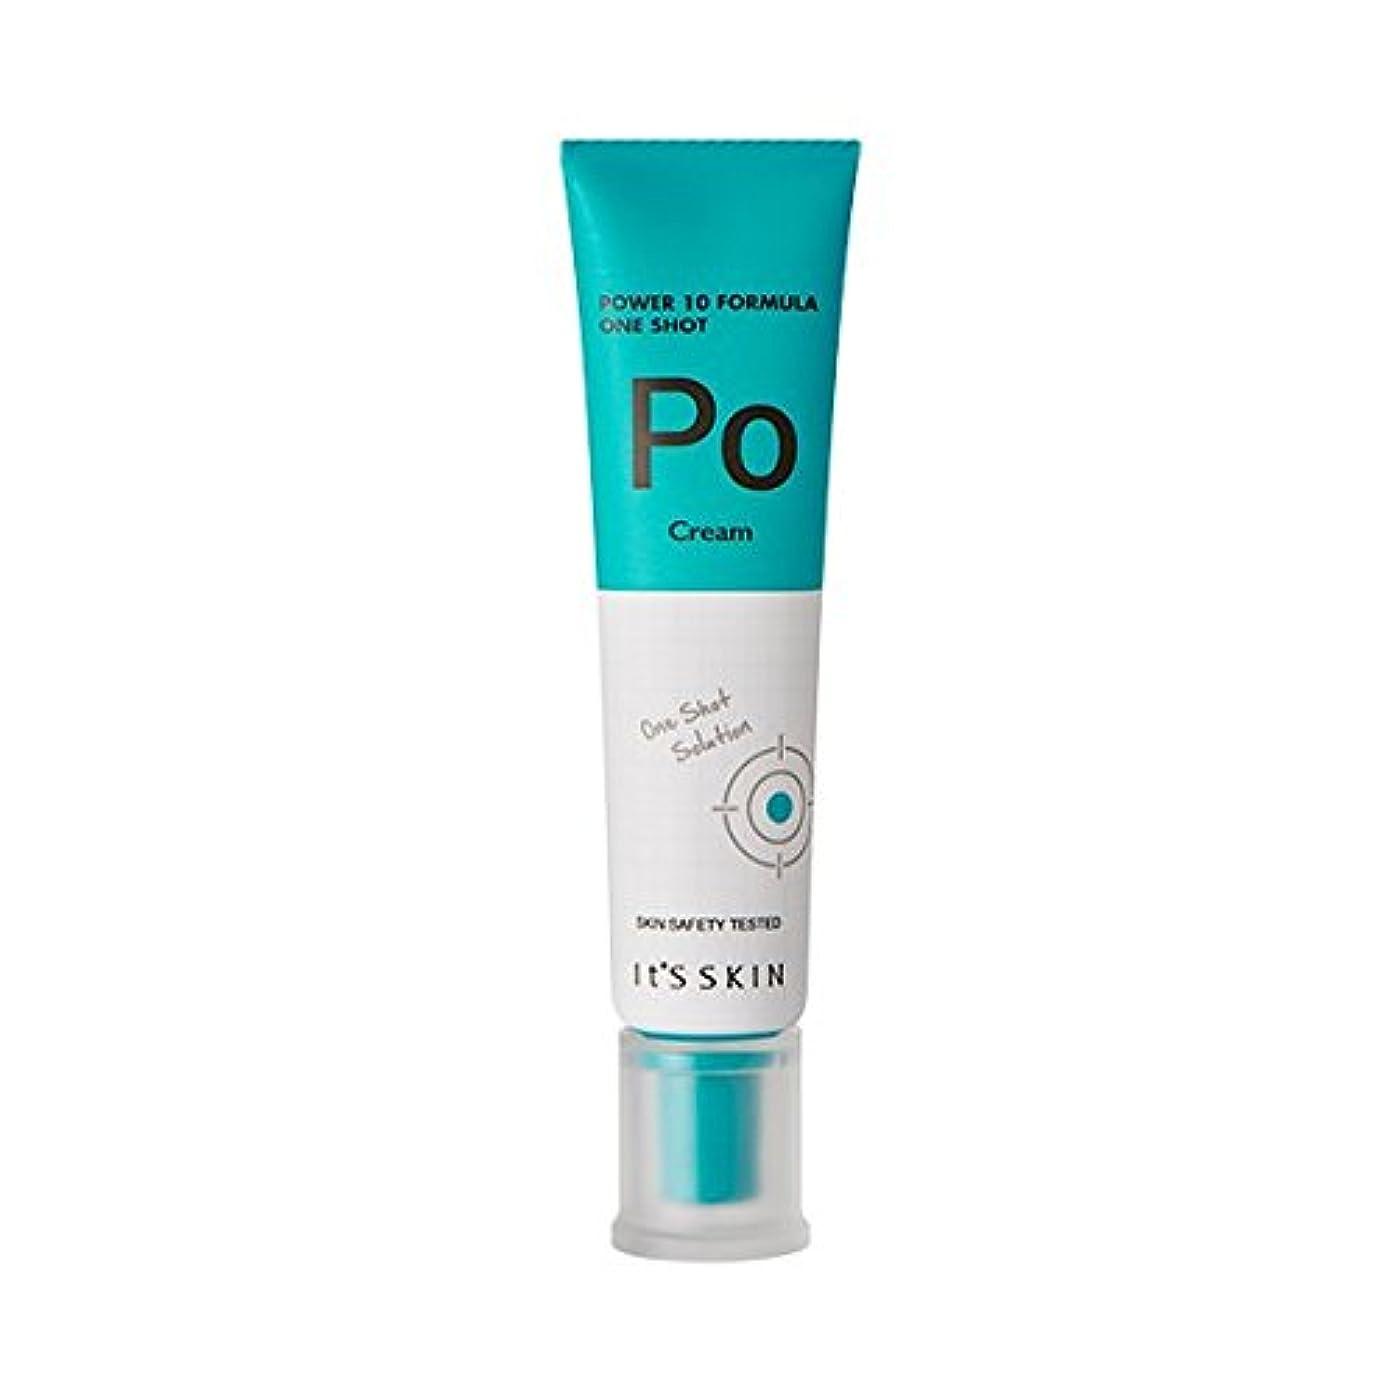 送信するアパートテニス[New] It's Skin Power 10 Formula One Shot Cream (Po) / イッツスキンパワー10 フォーミュラワンショットクリーム [並行輸入品]